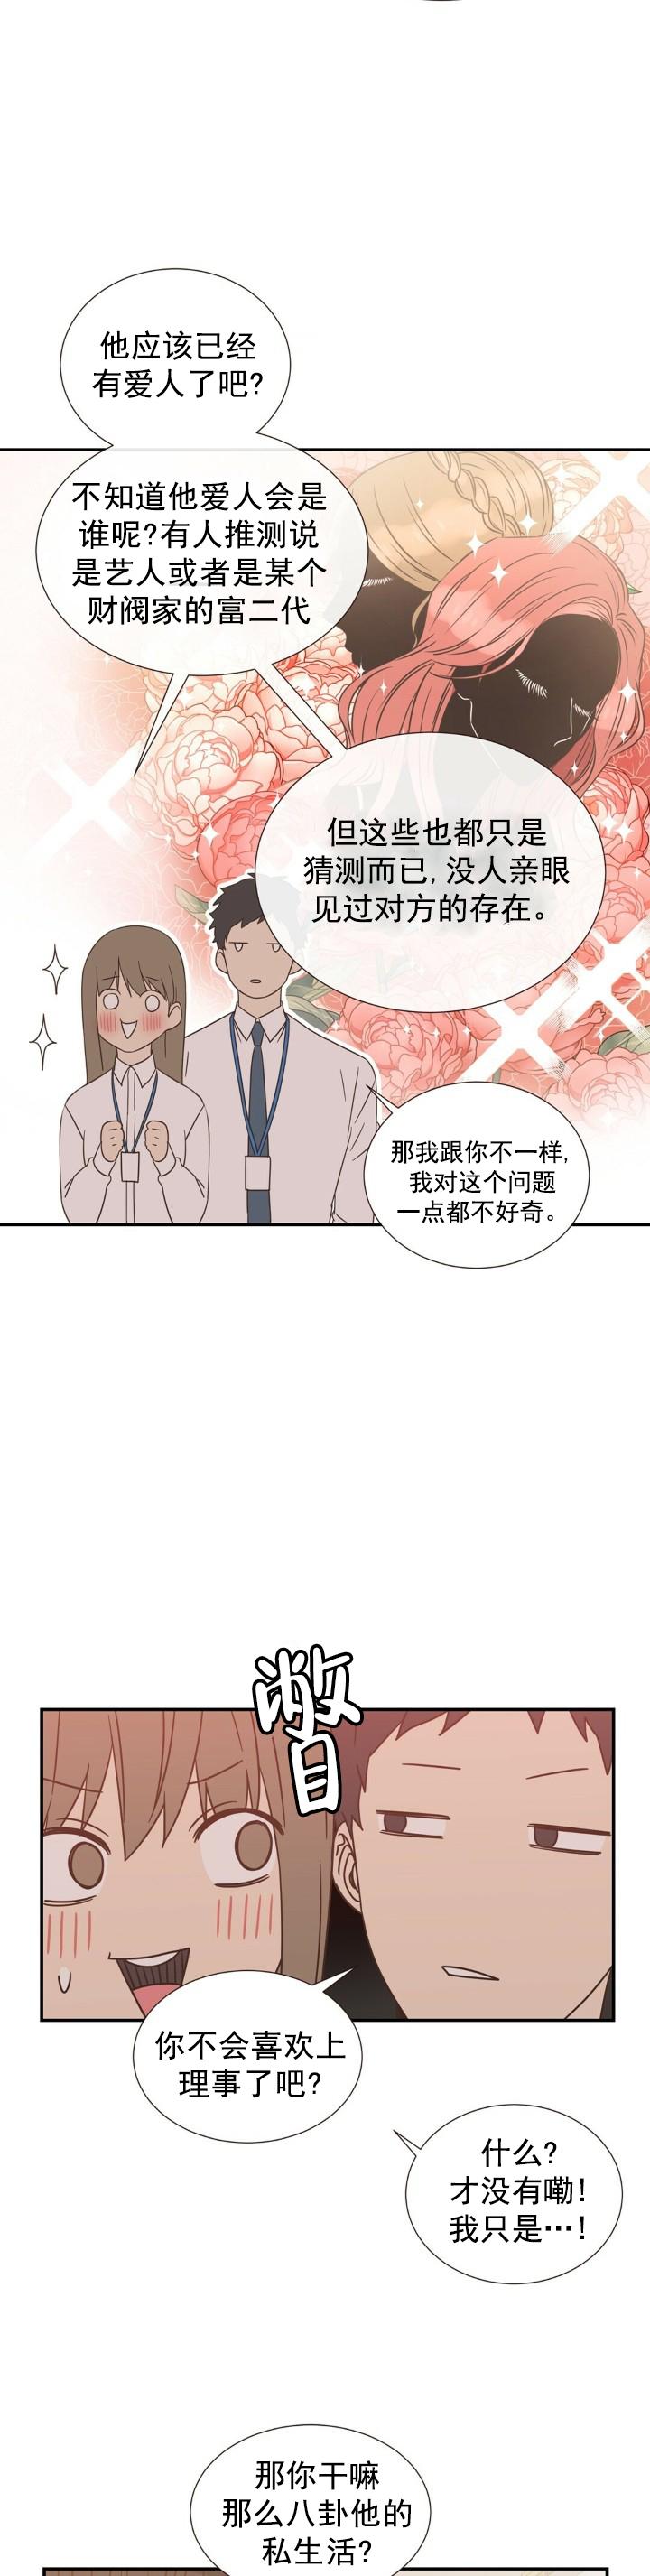 韩漫 |《脱单大作战》当恋爱小白遇上命中注定~甜心太可爱!  第4张